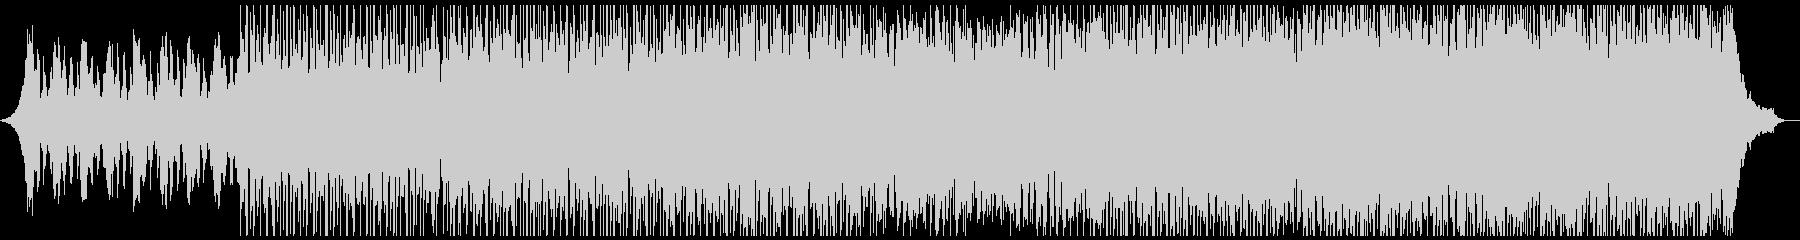 サイエンスコーポレートの未再生の波形